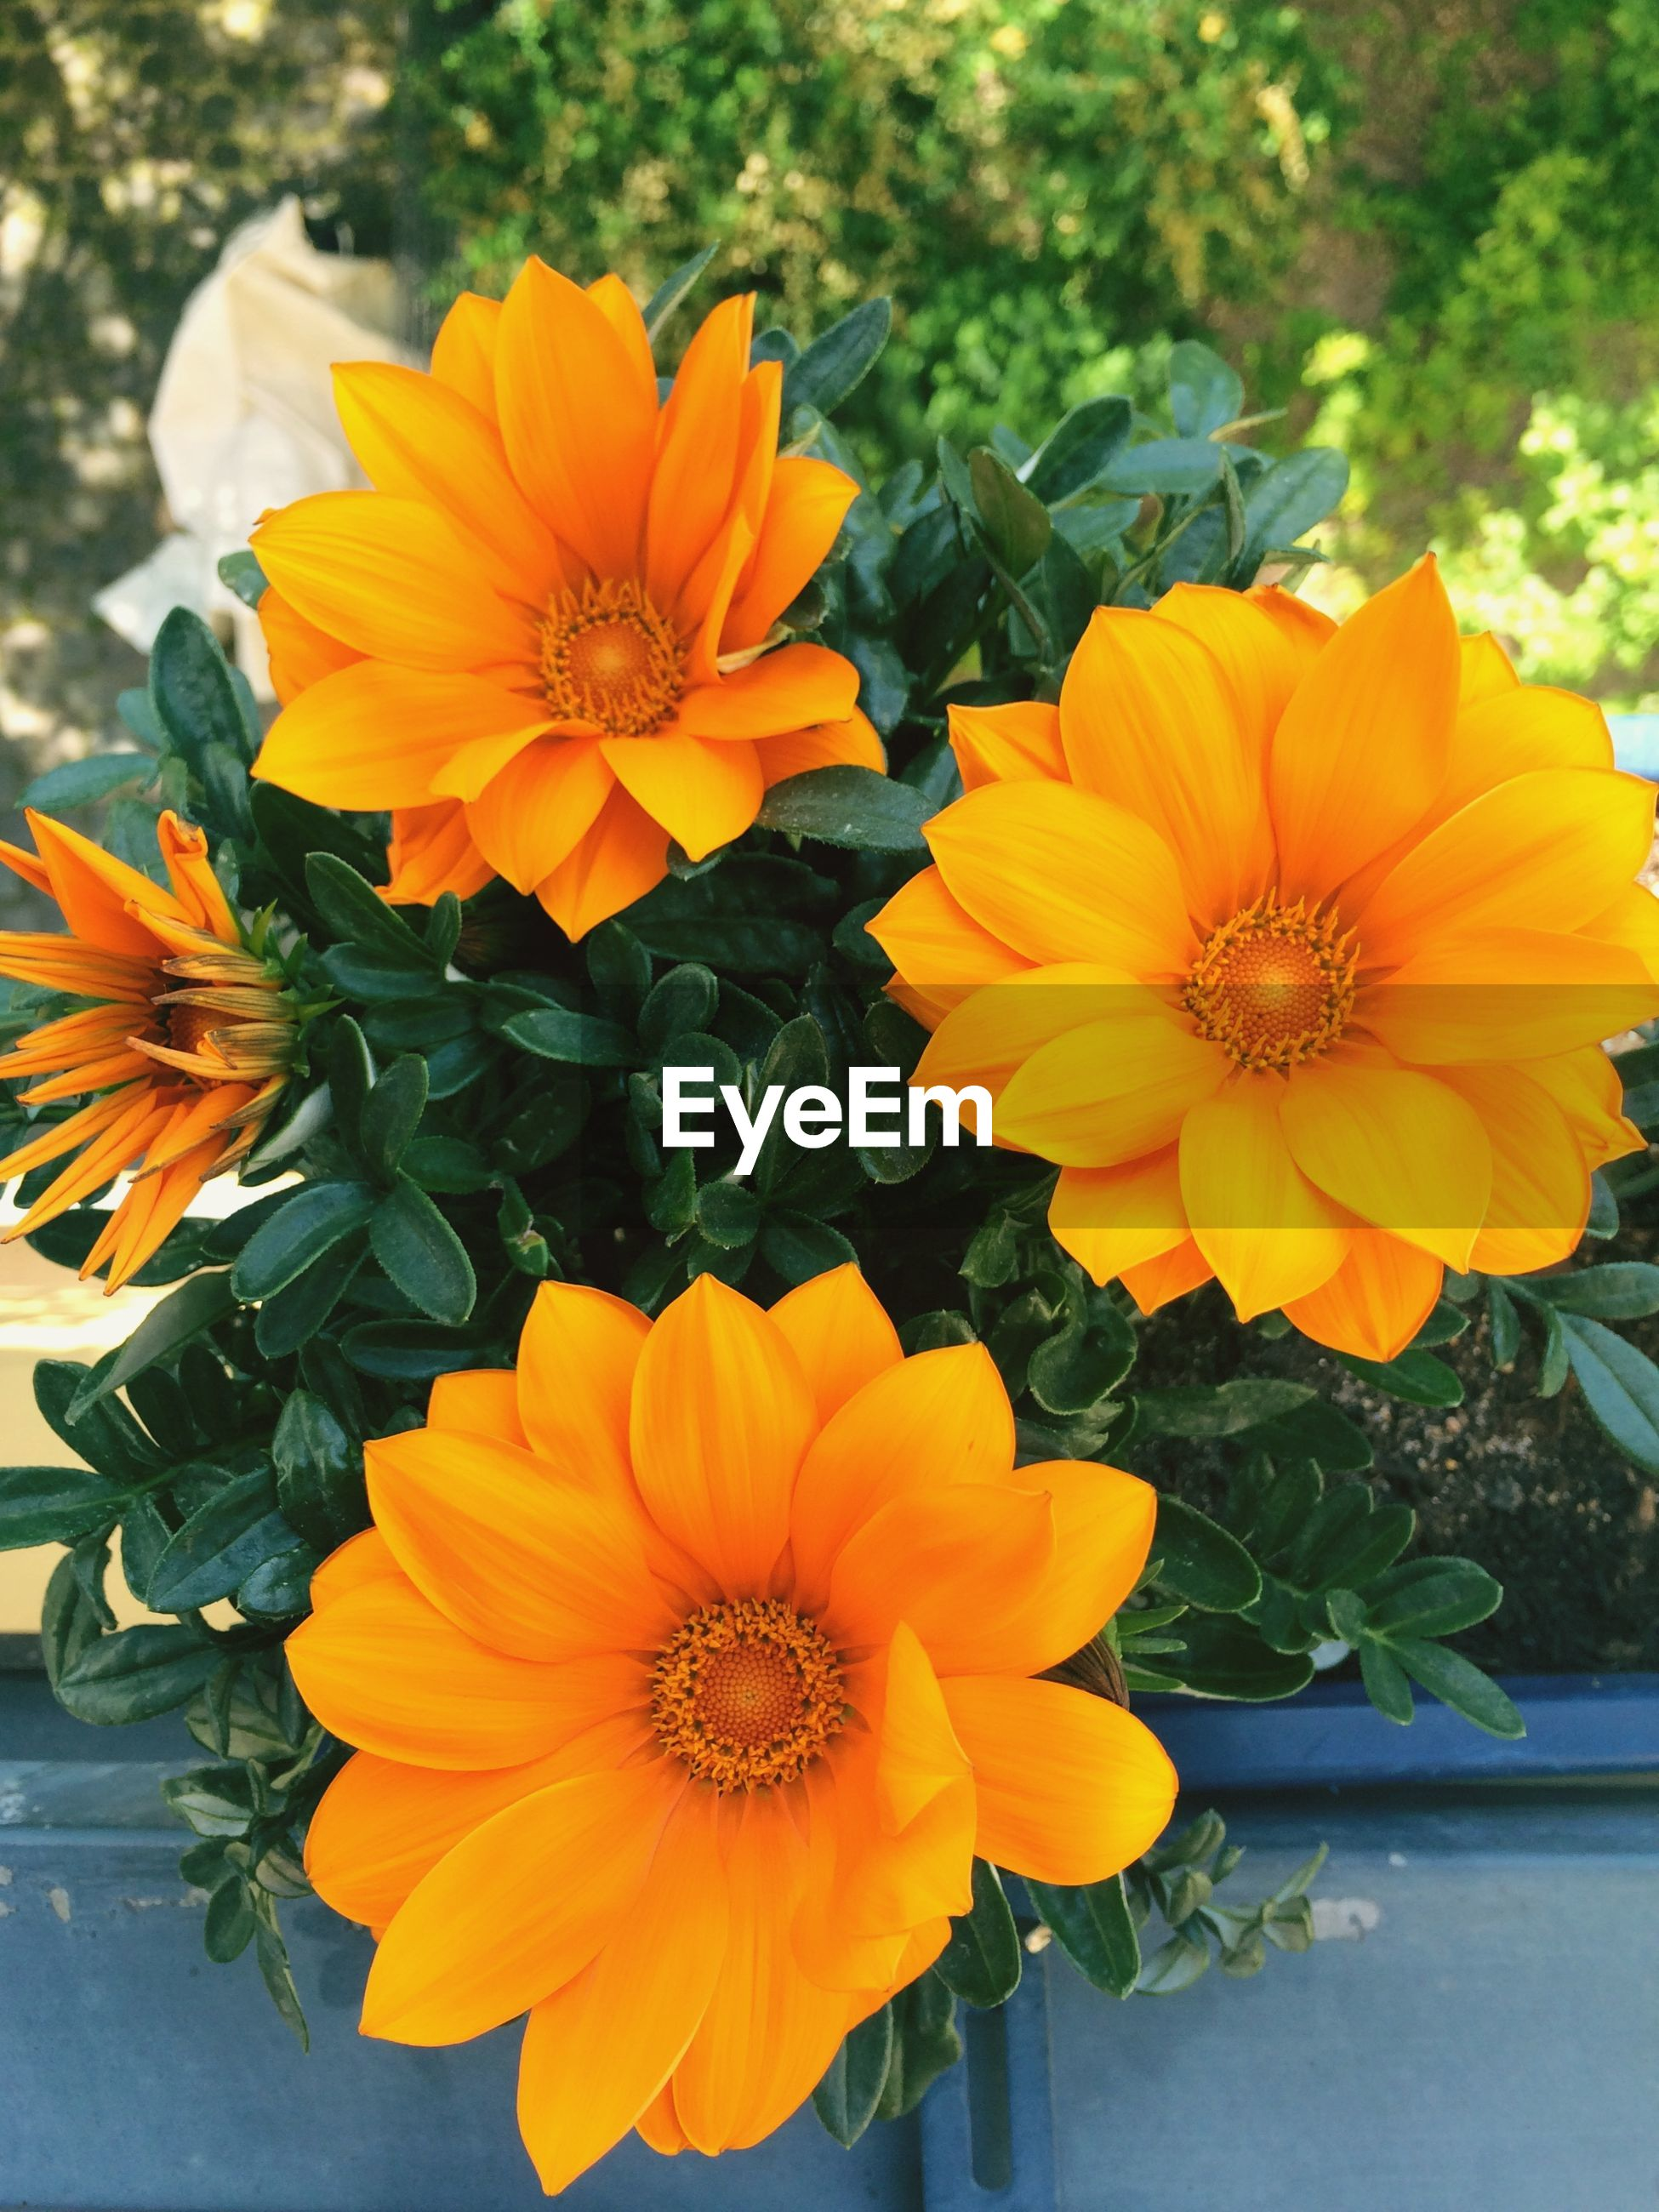 Orange flowers in backyard